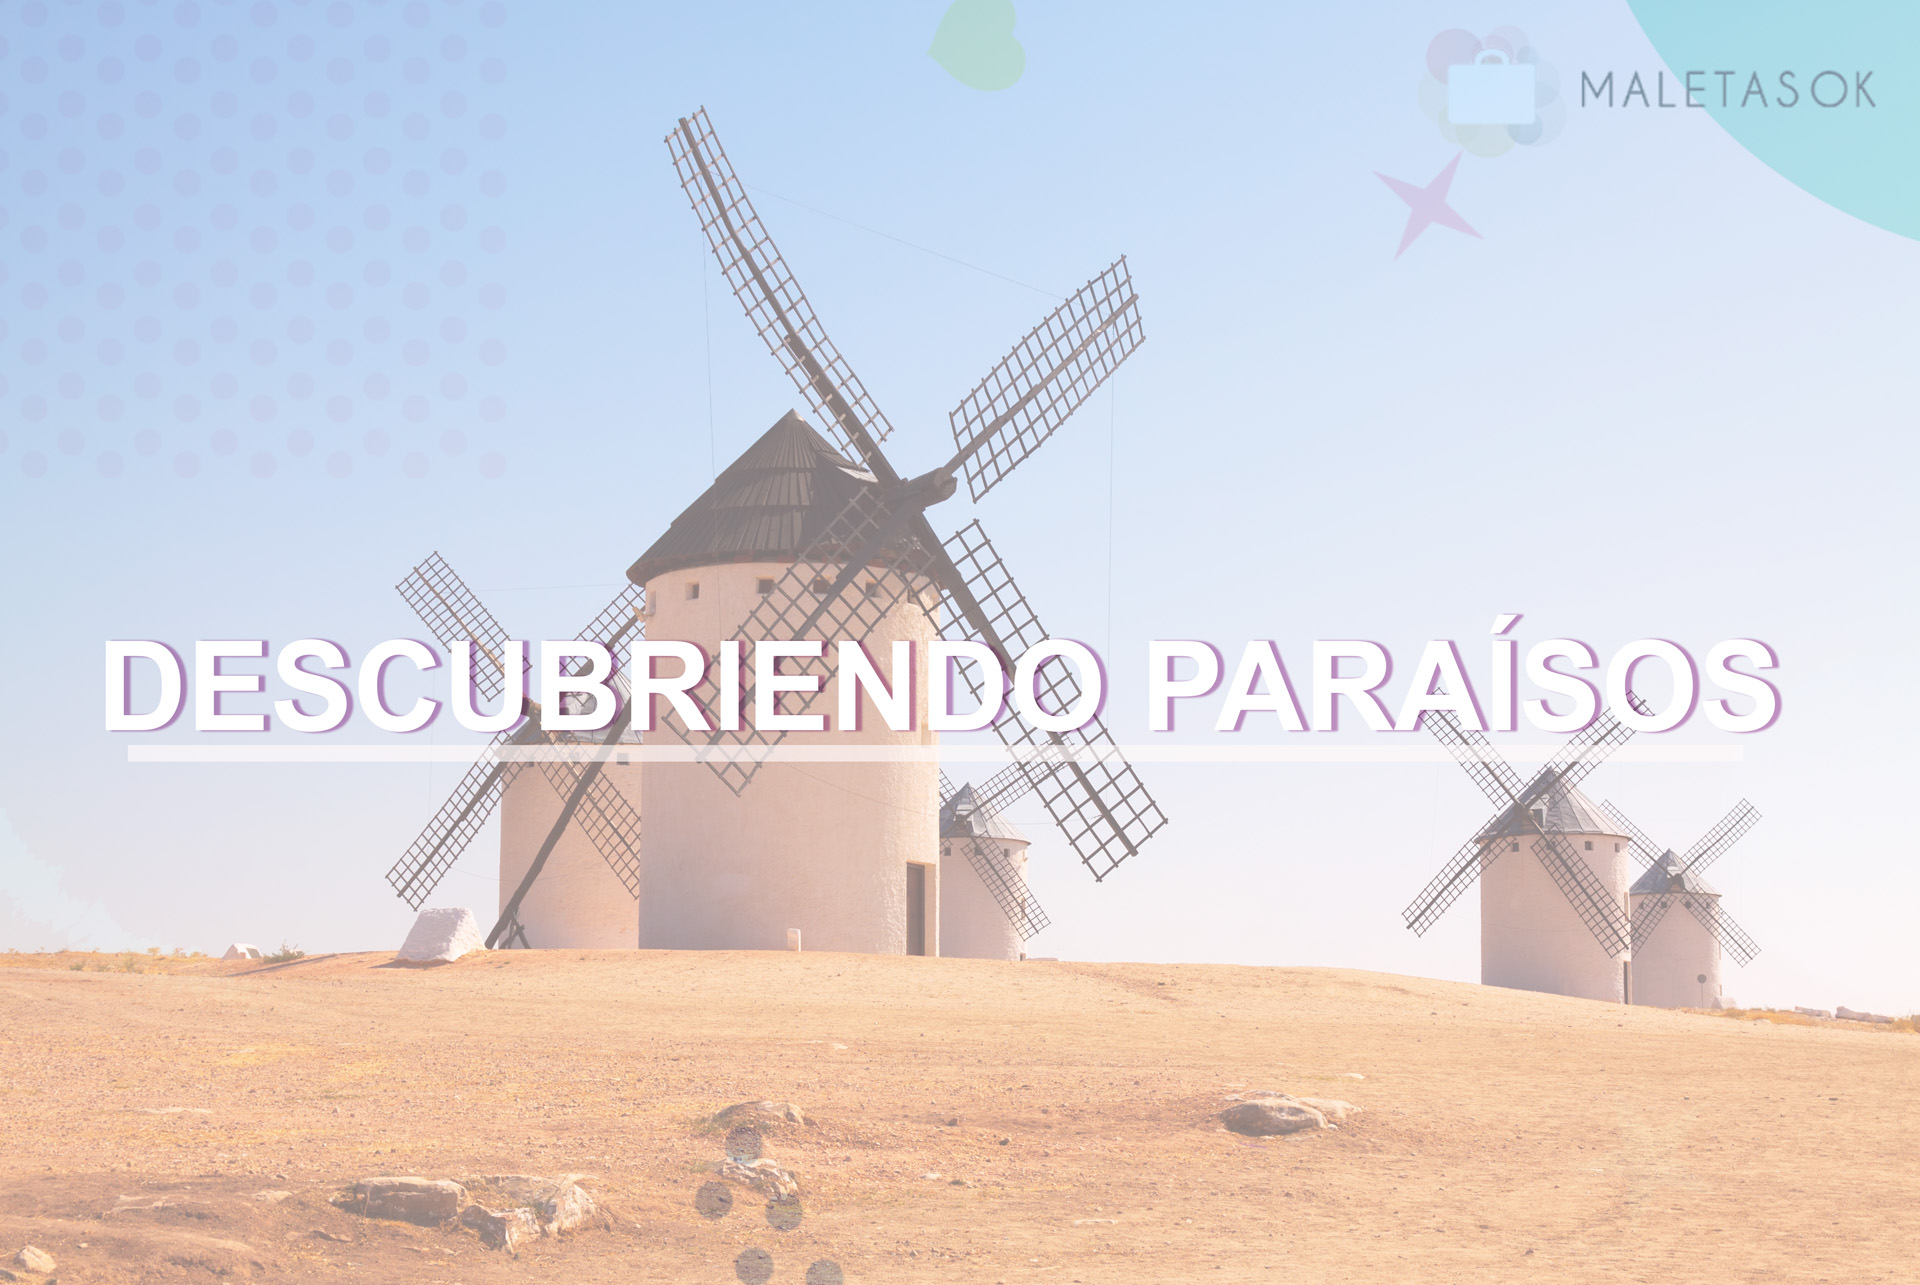 Descubriendo paraísos título